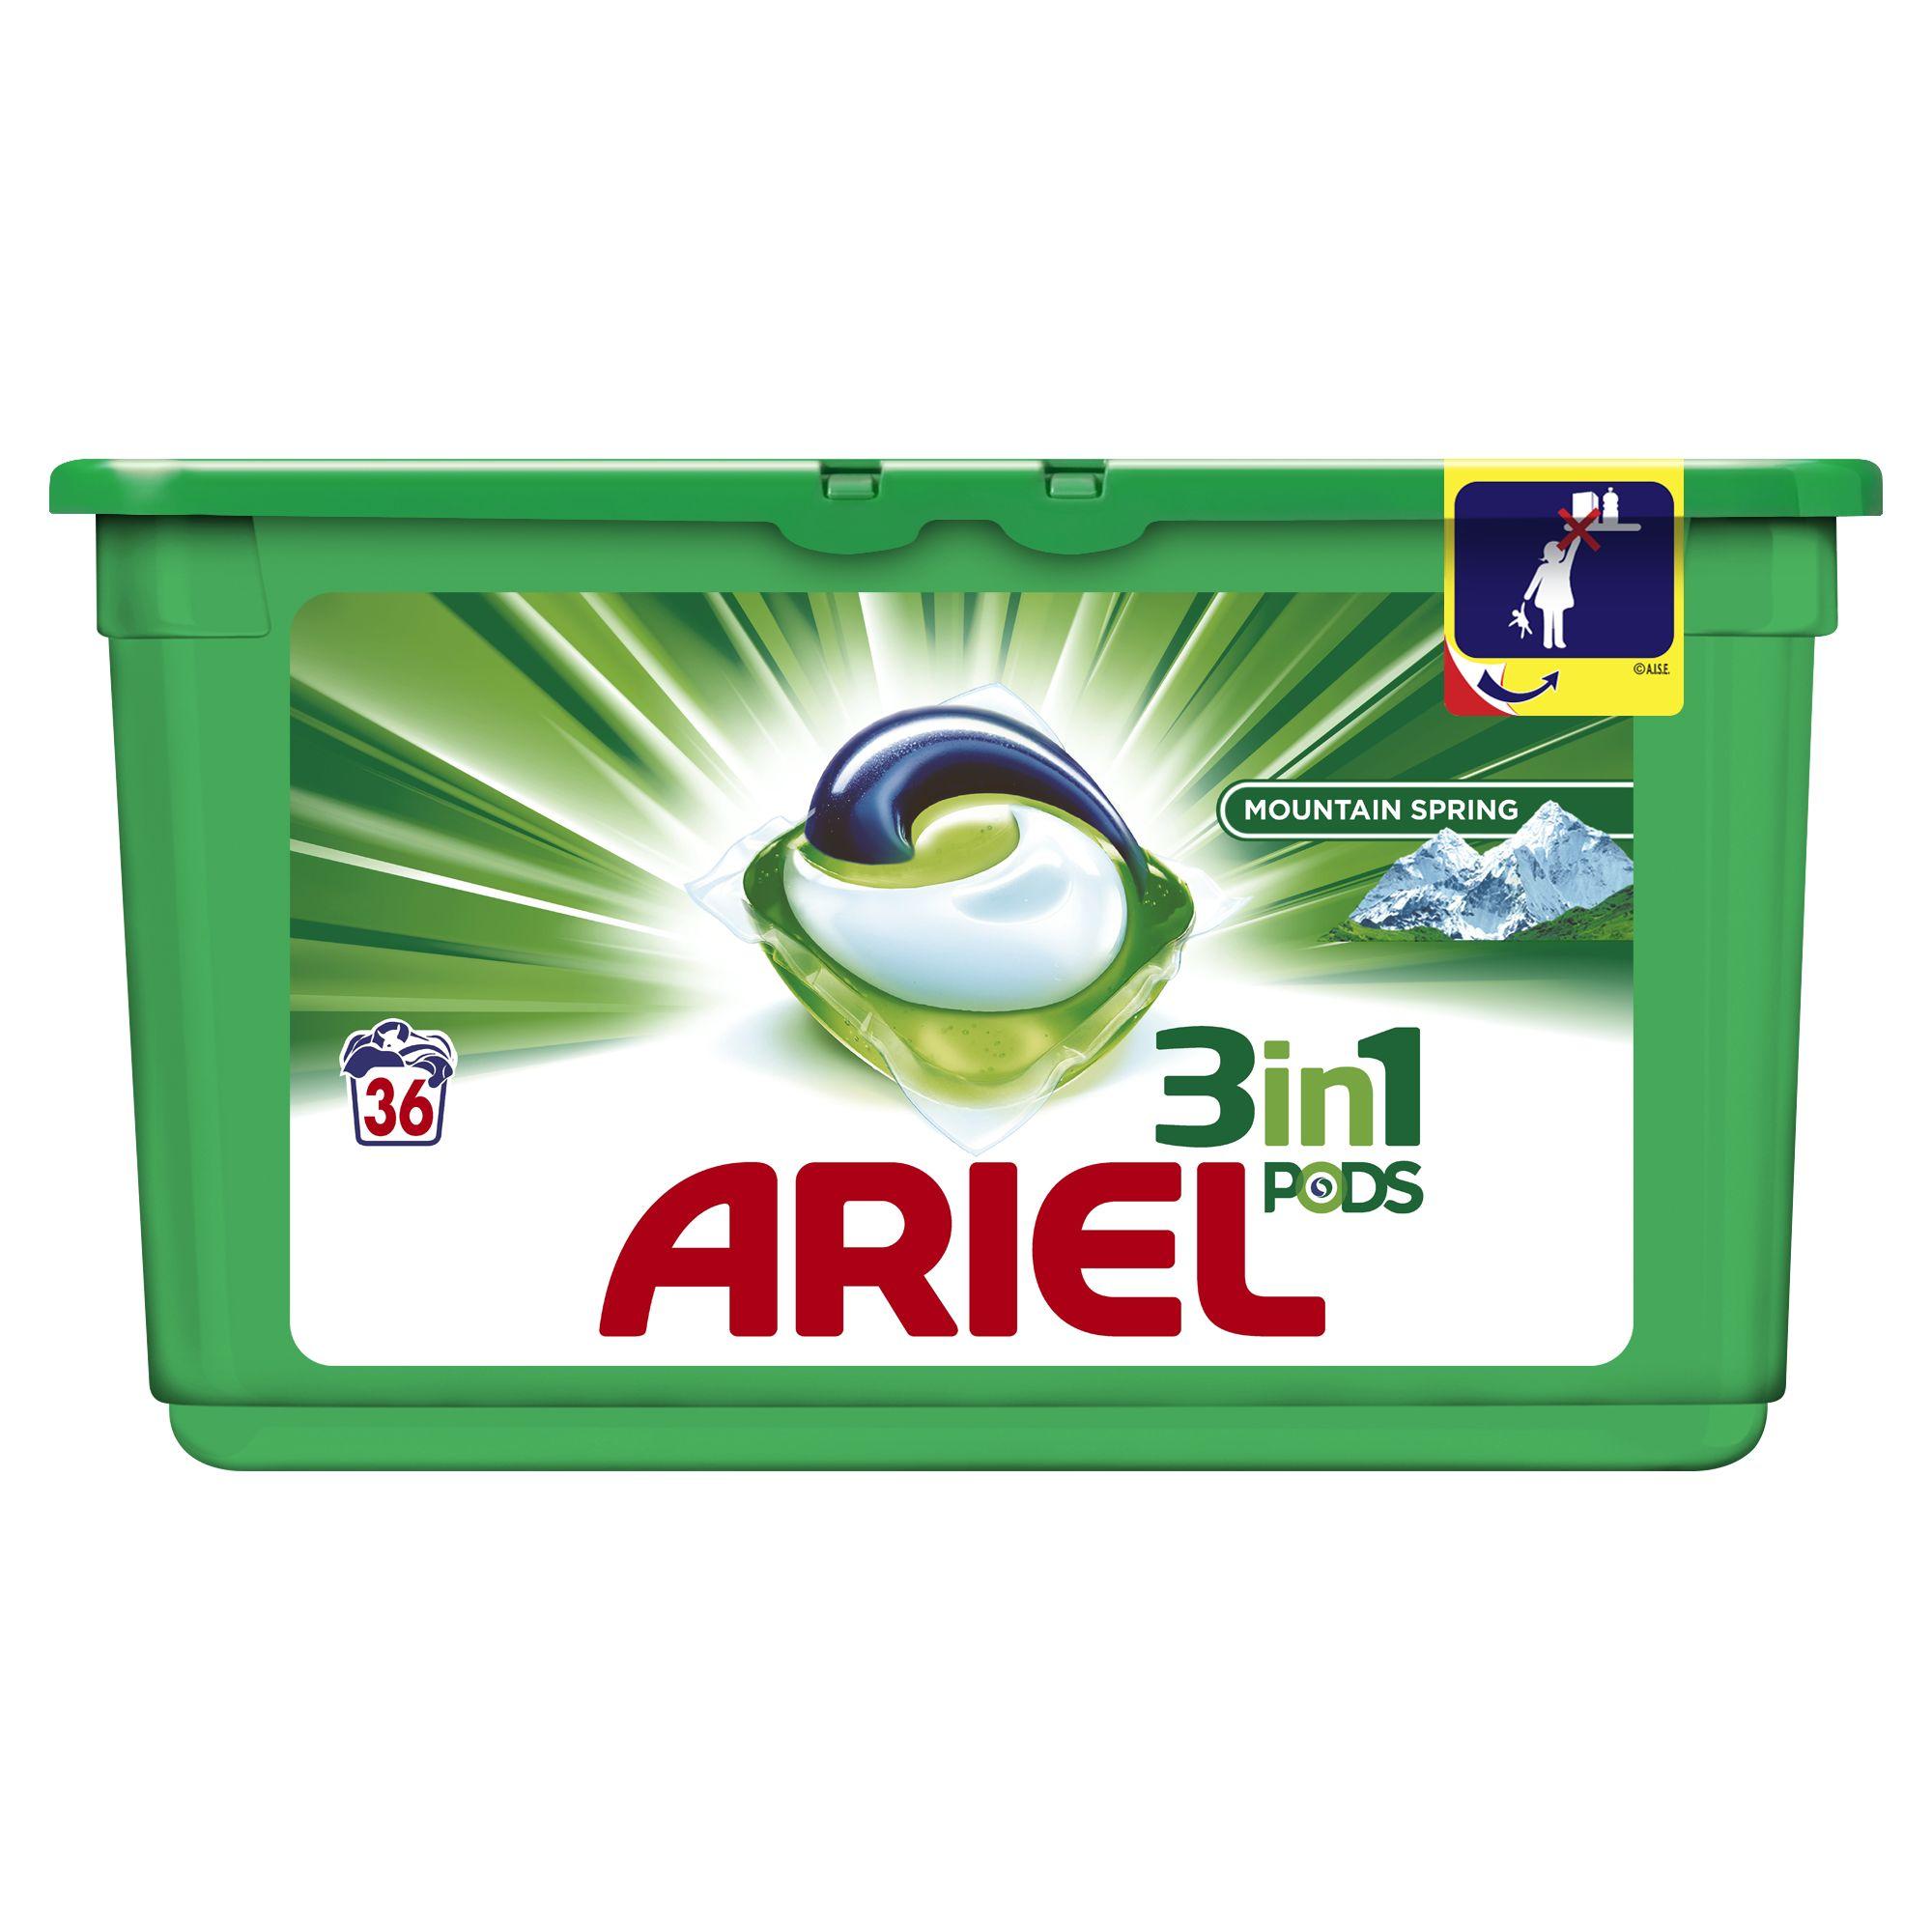 Ariel 3v1 Mountain Spring gelové kapsle, 36 praní 36 ks